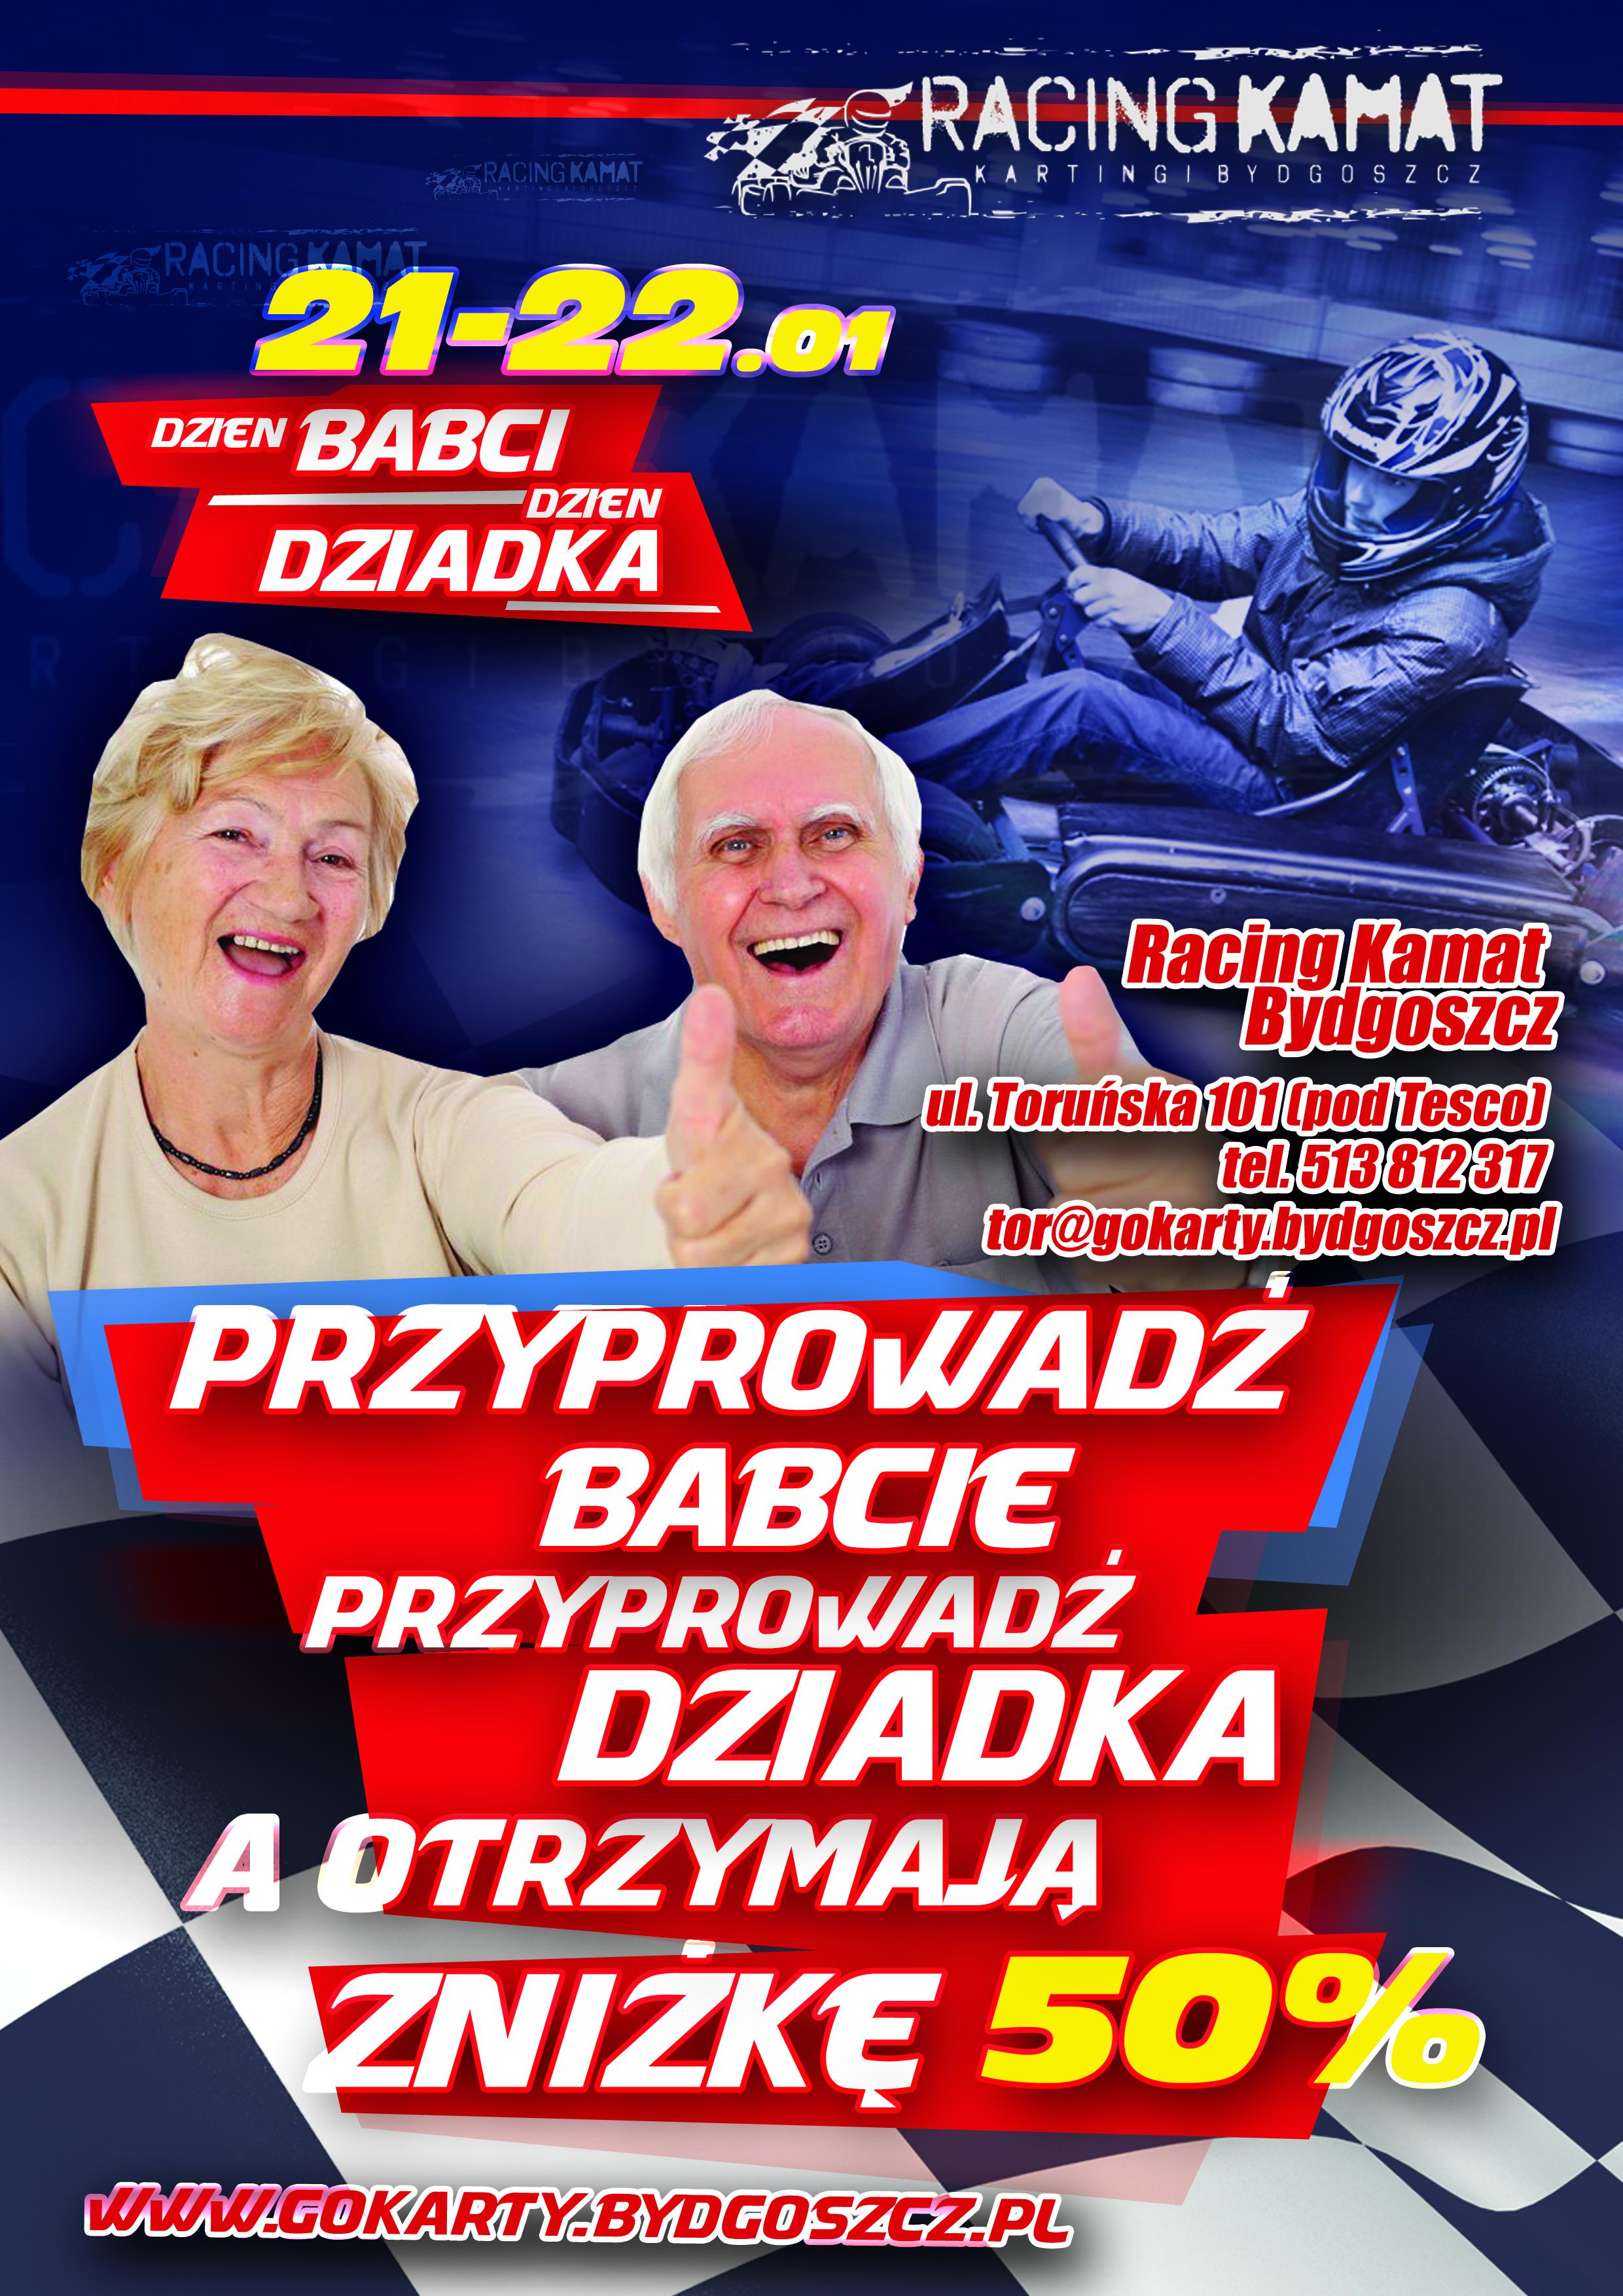 Kamat Racing_A4 dzien dziadka i babci